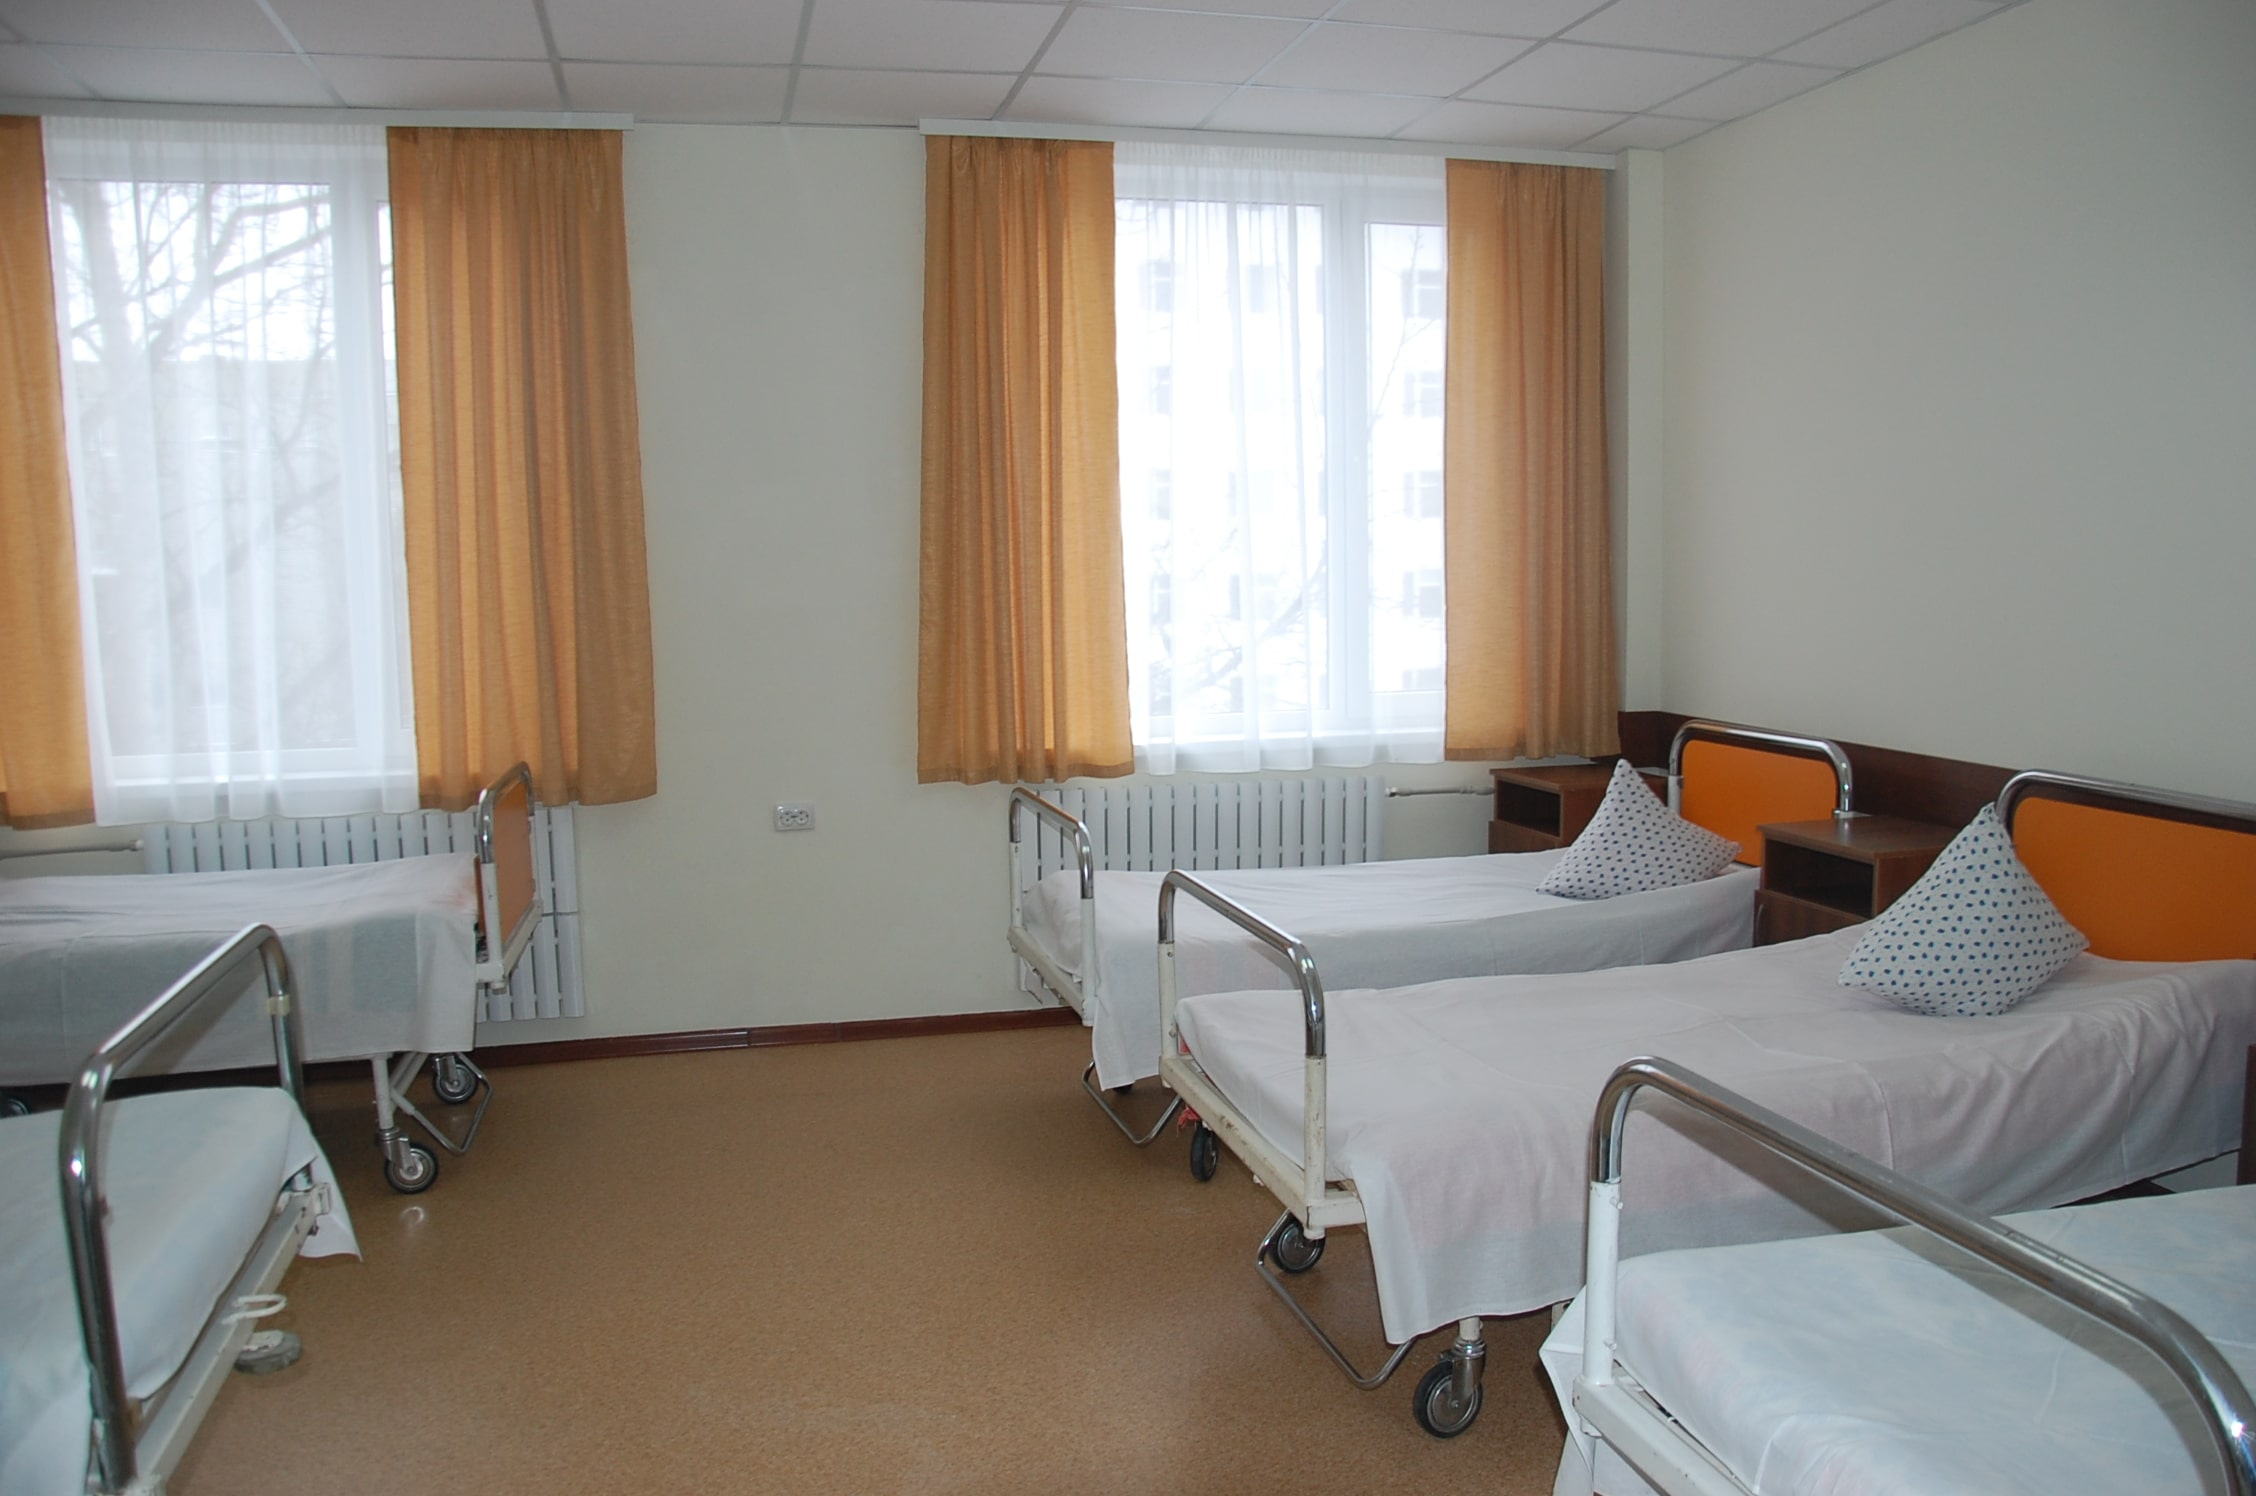 курс лечения в травматологии Харькова